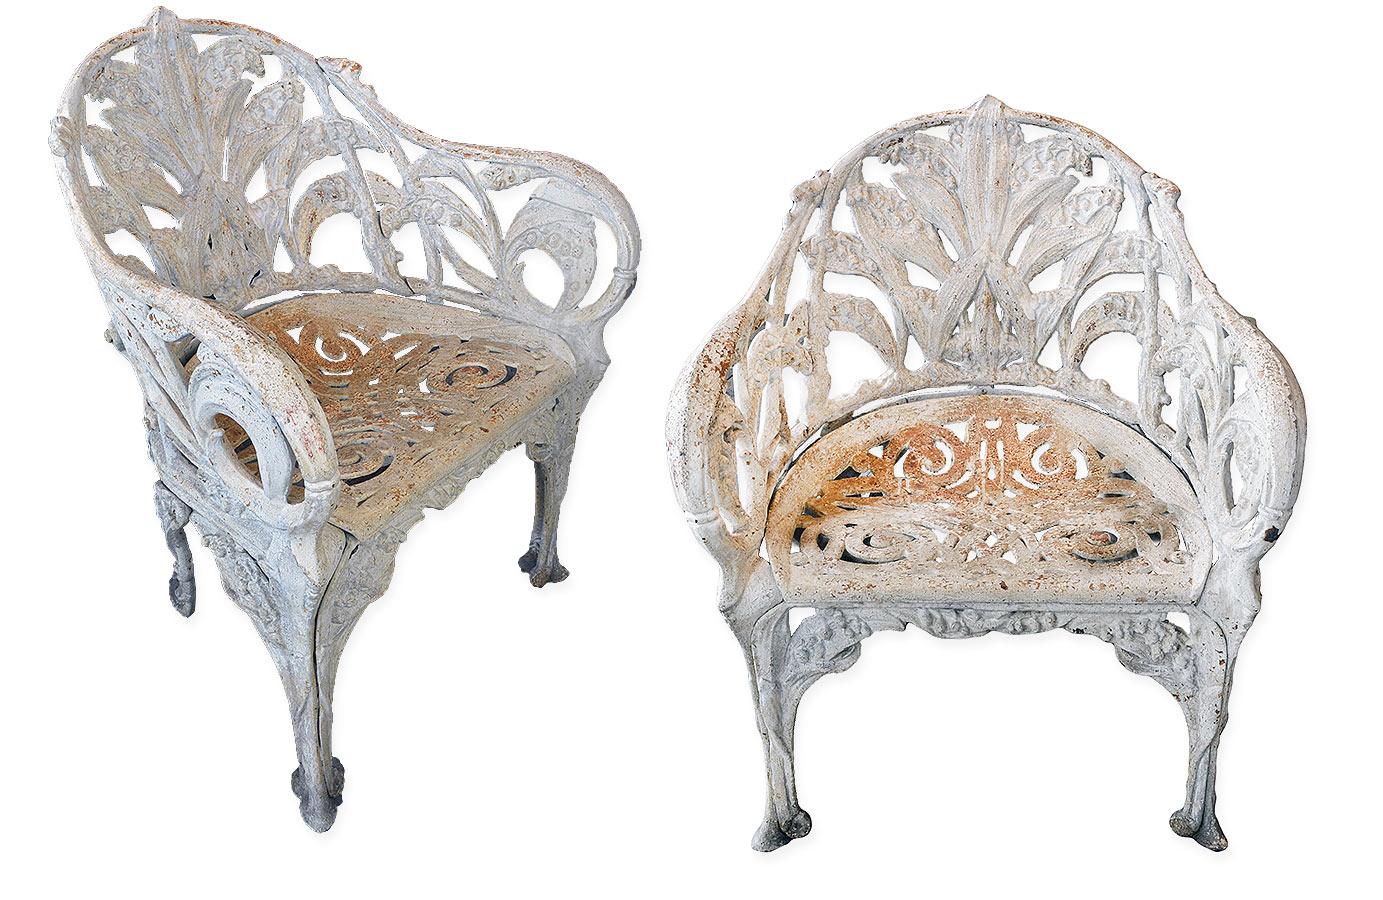 45277-cast-iron-chair-pair.jpg